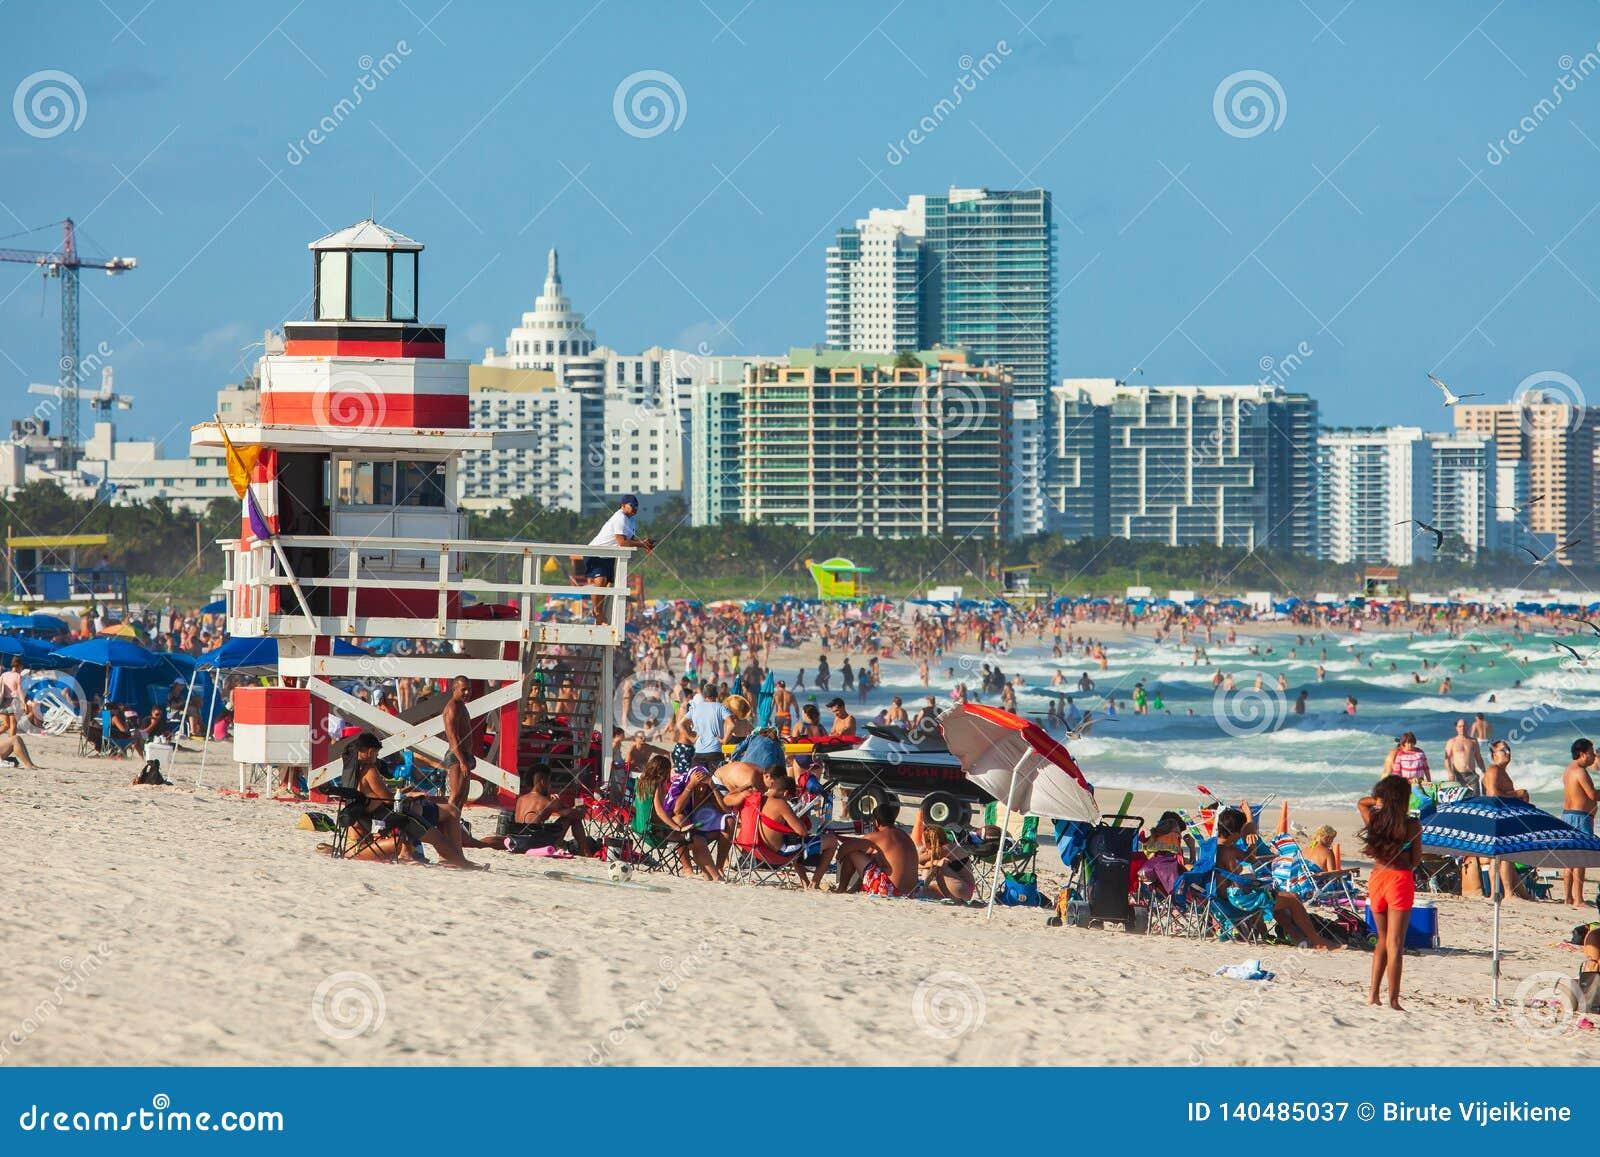 Praia sul em Miami Beach, Florida, Estados Unidos